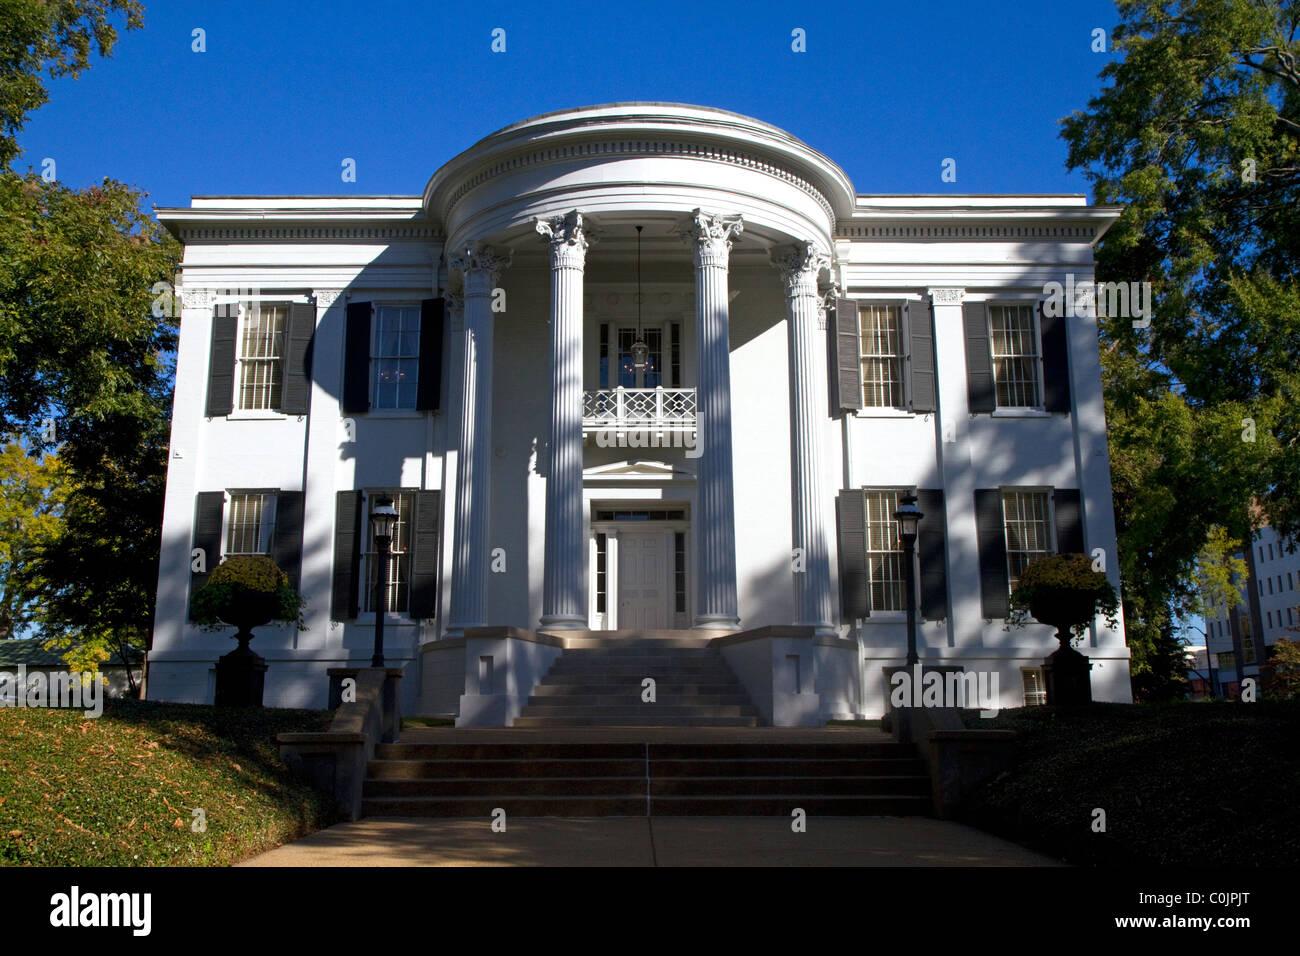 La mansión del gobernador de Mississippi en Jackson, Mississippi, Estados Unidos. Imagen De Stock